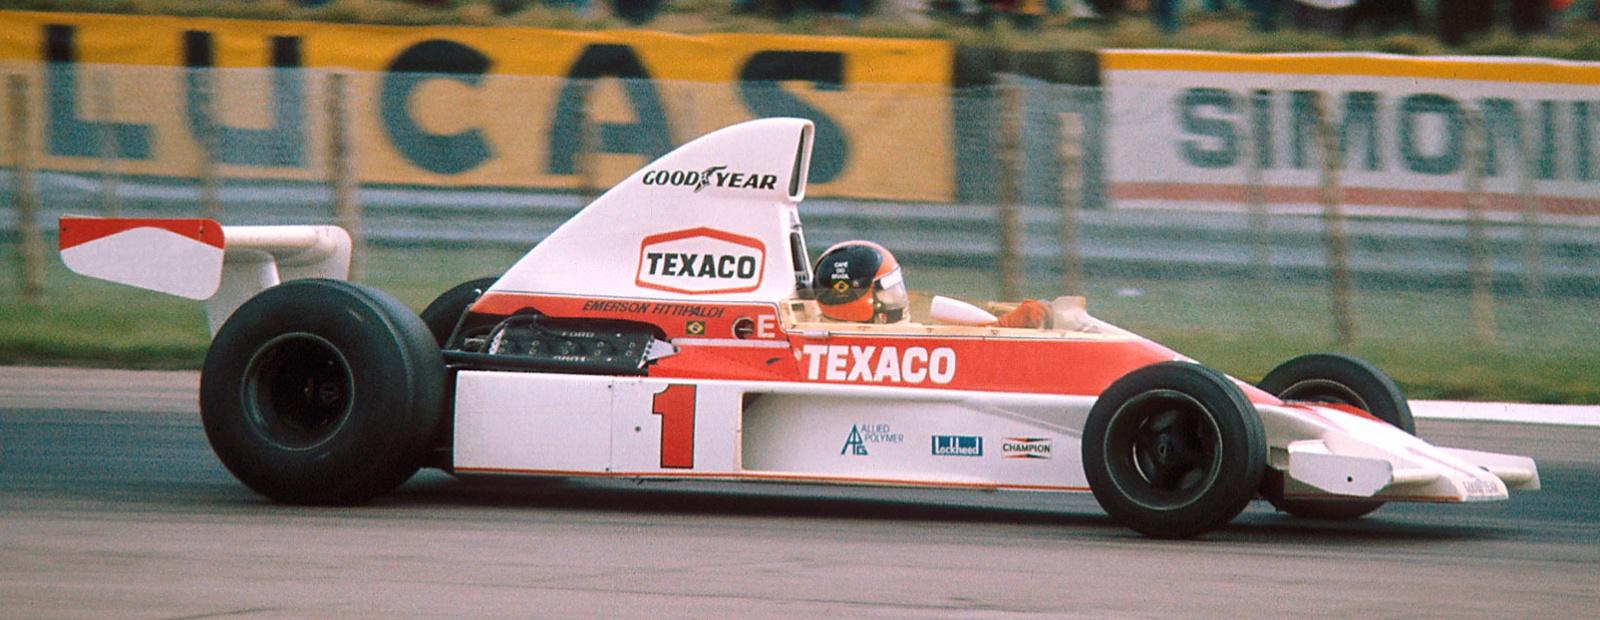 I 1975 kunne Emmo kjøre med #1 på bilen etter VM-tittelen året før, og leverte en god sesong med andreplass totalt. Foto: Wikipedia